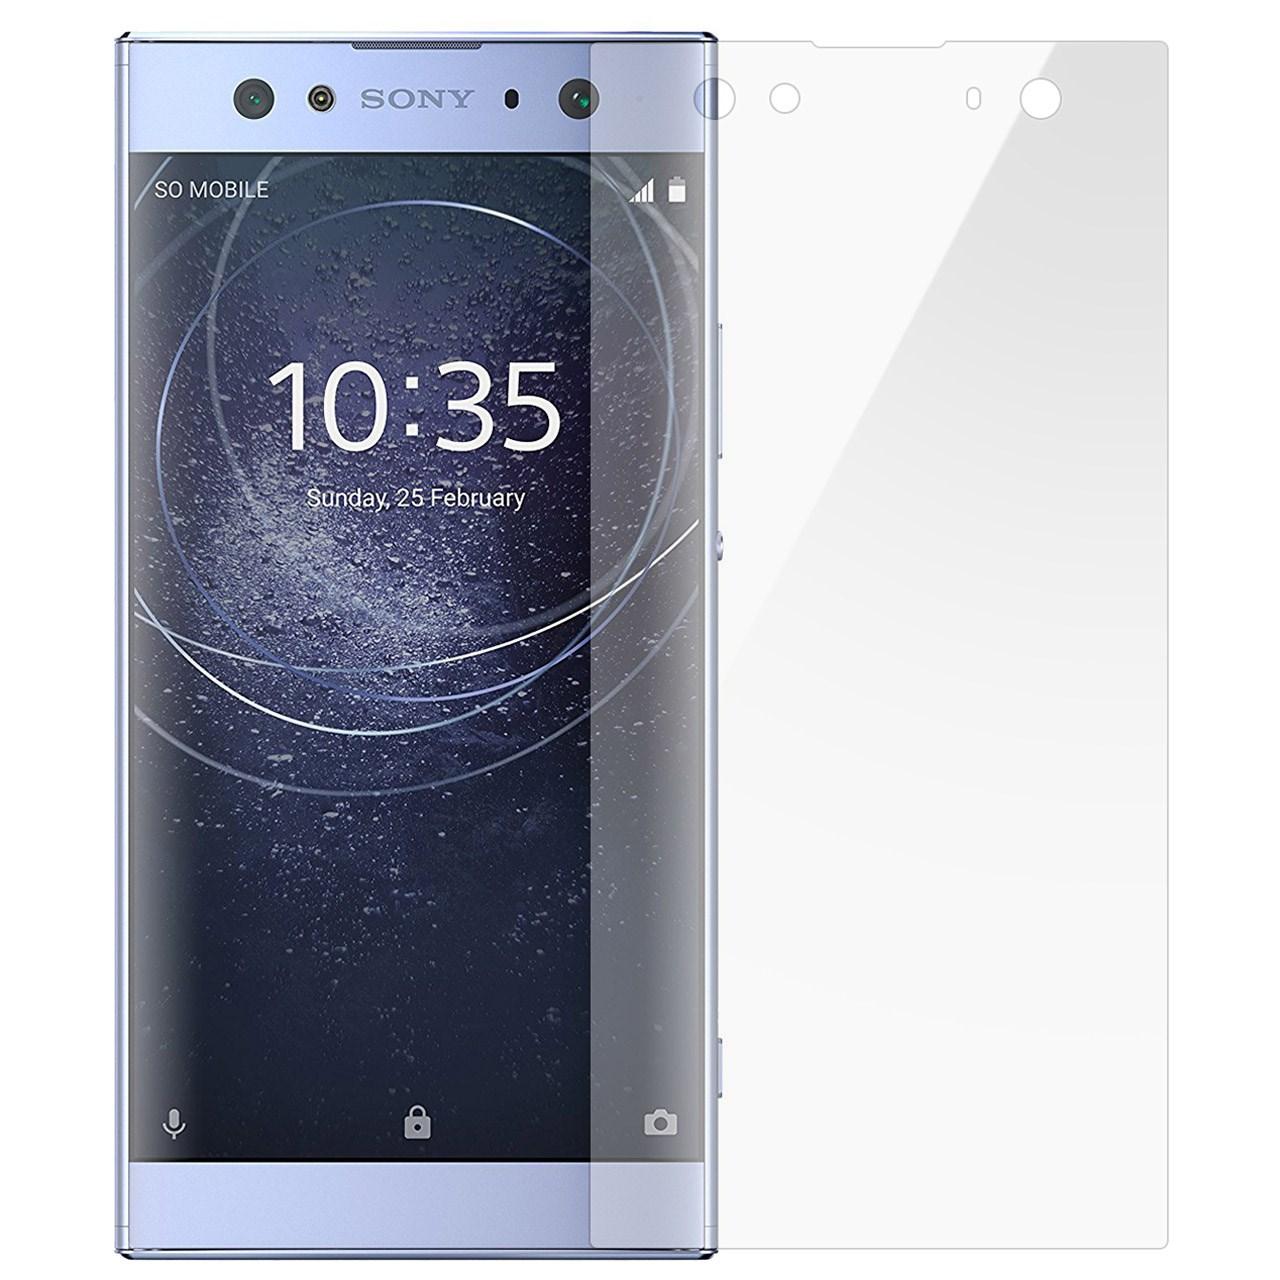 محافظ صفحه نمایش تی پی یو مدل Full Cover مناسب برای گوشی موبایل سونی Xperia XA2 Ultra